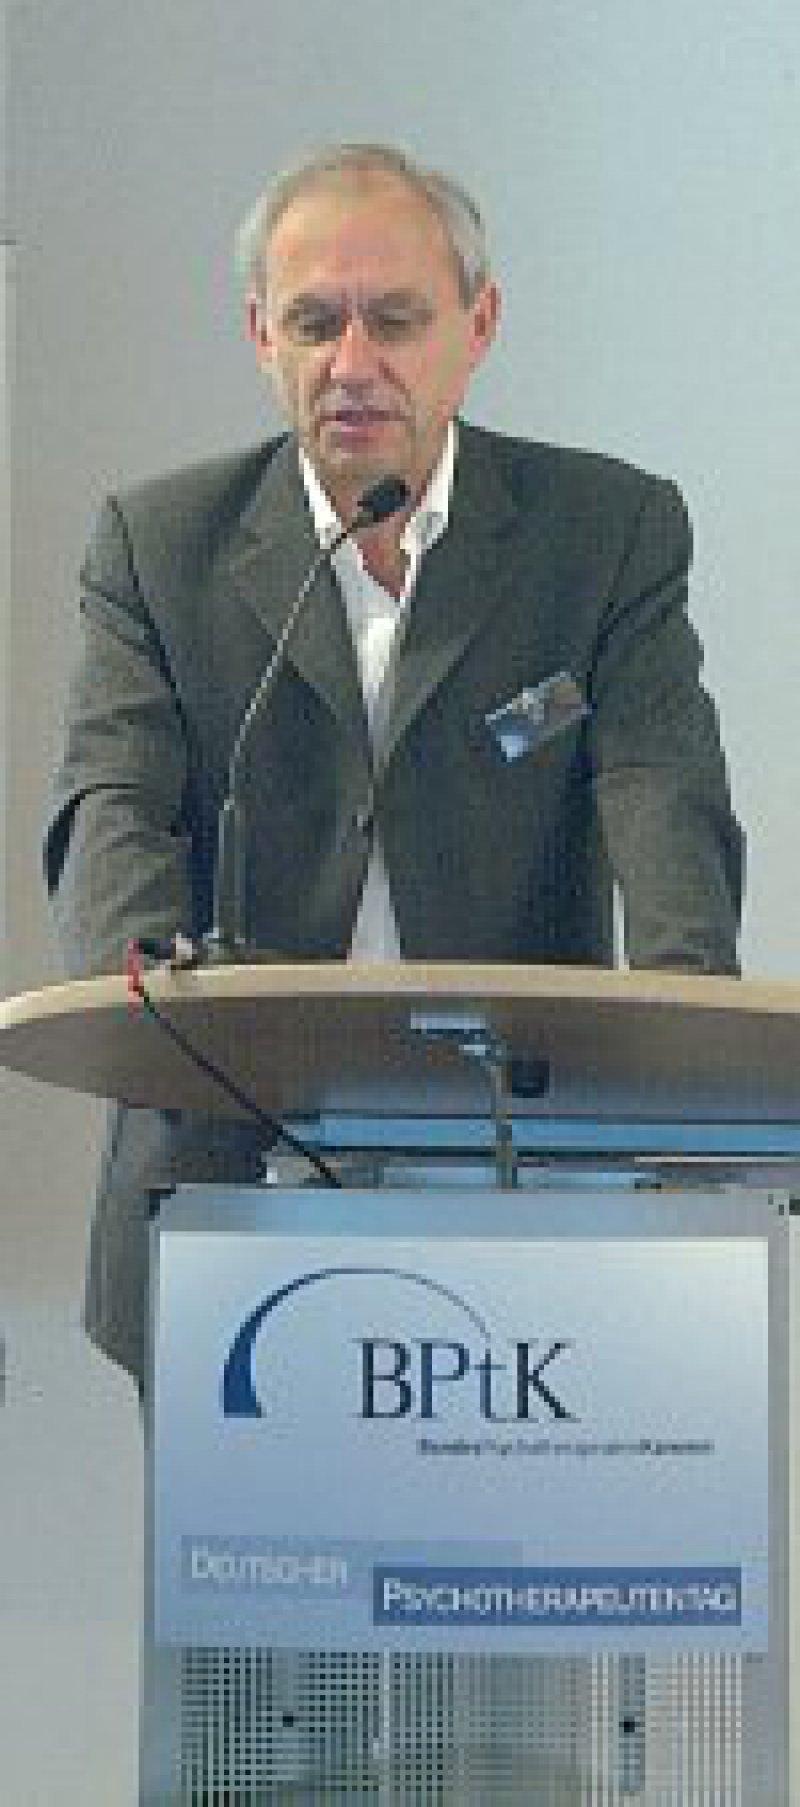 Der Bremer Kammerpräsident, Karl-Heinz Schrömgens, wies auf die dramatischen Versorgungsprobleme in Bremerhaven hin, wo inzwischen drei von vier Kindern unter Hartz-IV-Verhältnissen aufwachsen.